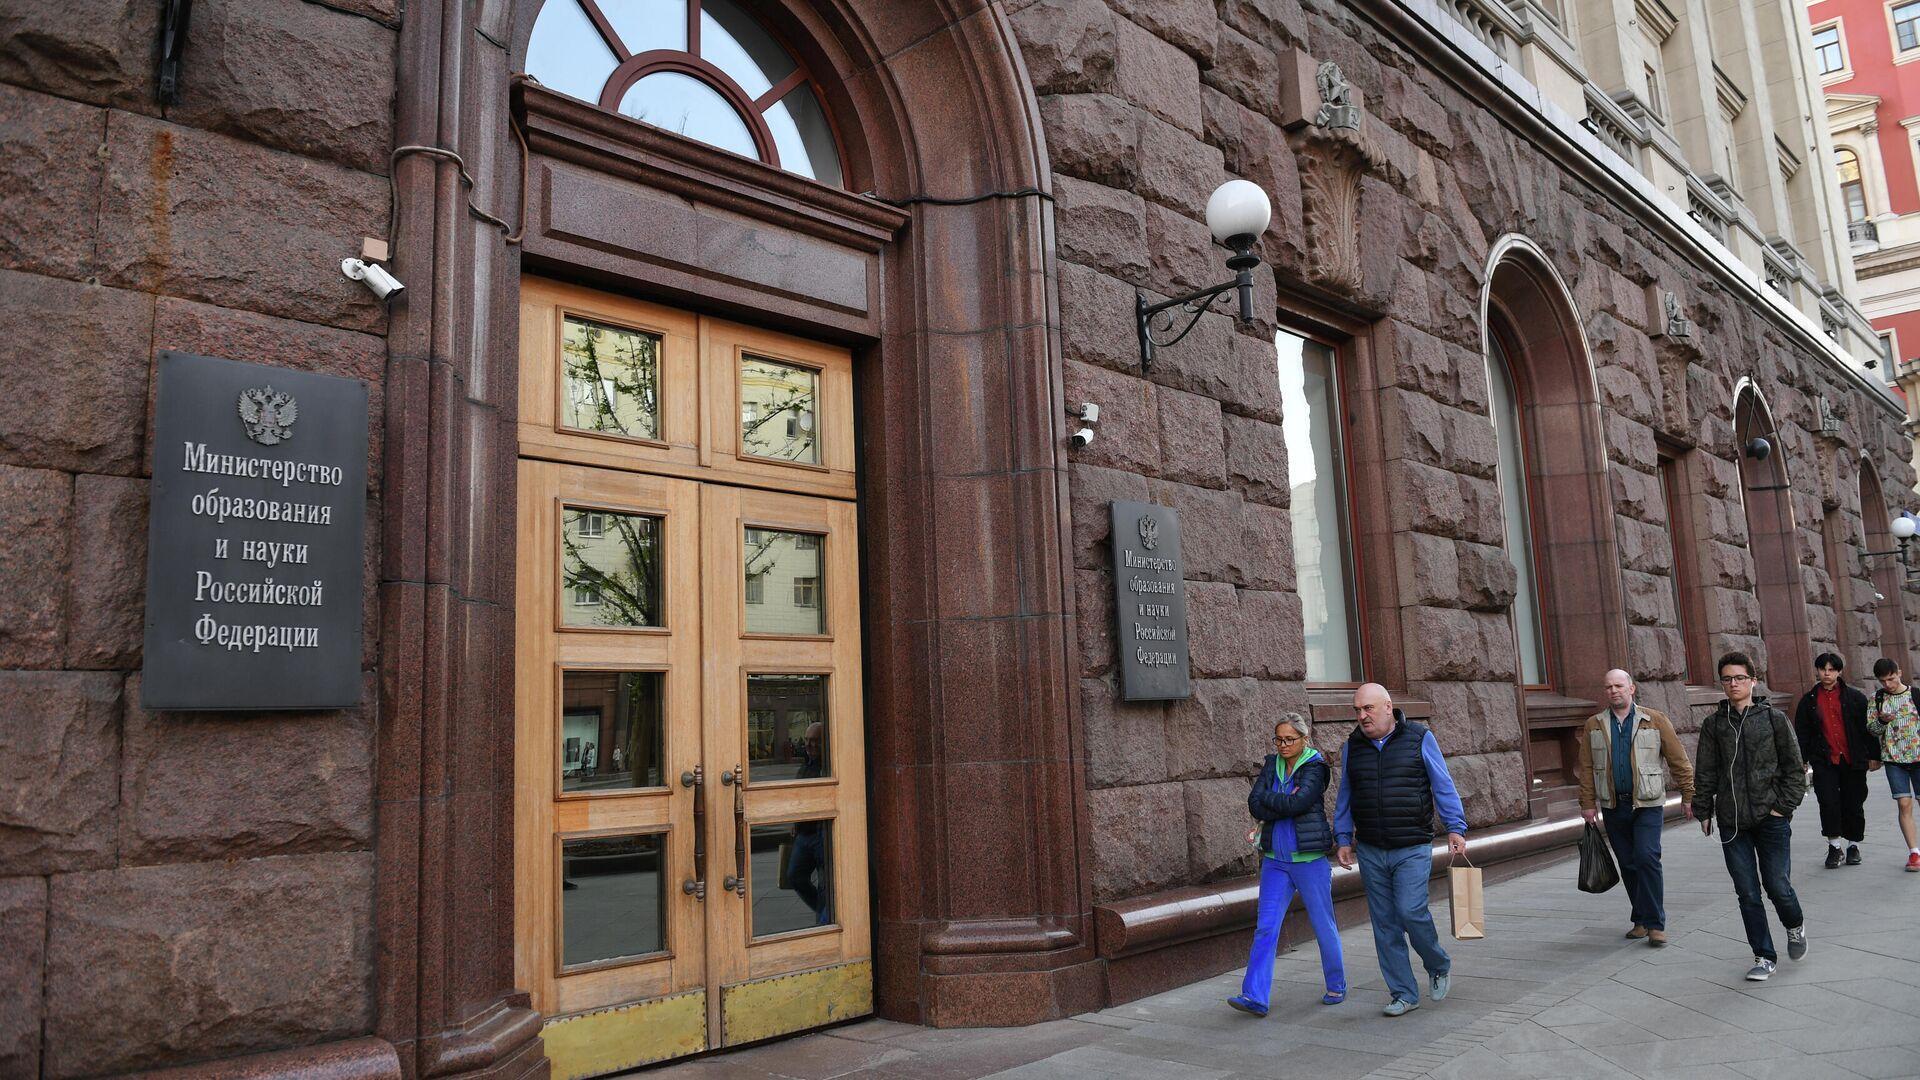 Вход в здание министерства образования и науки РФ - РИА Новости, 1920, 18.05.2021